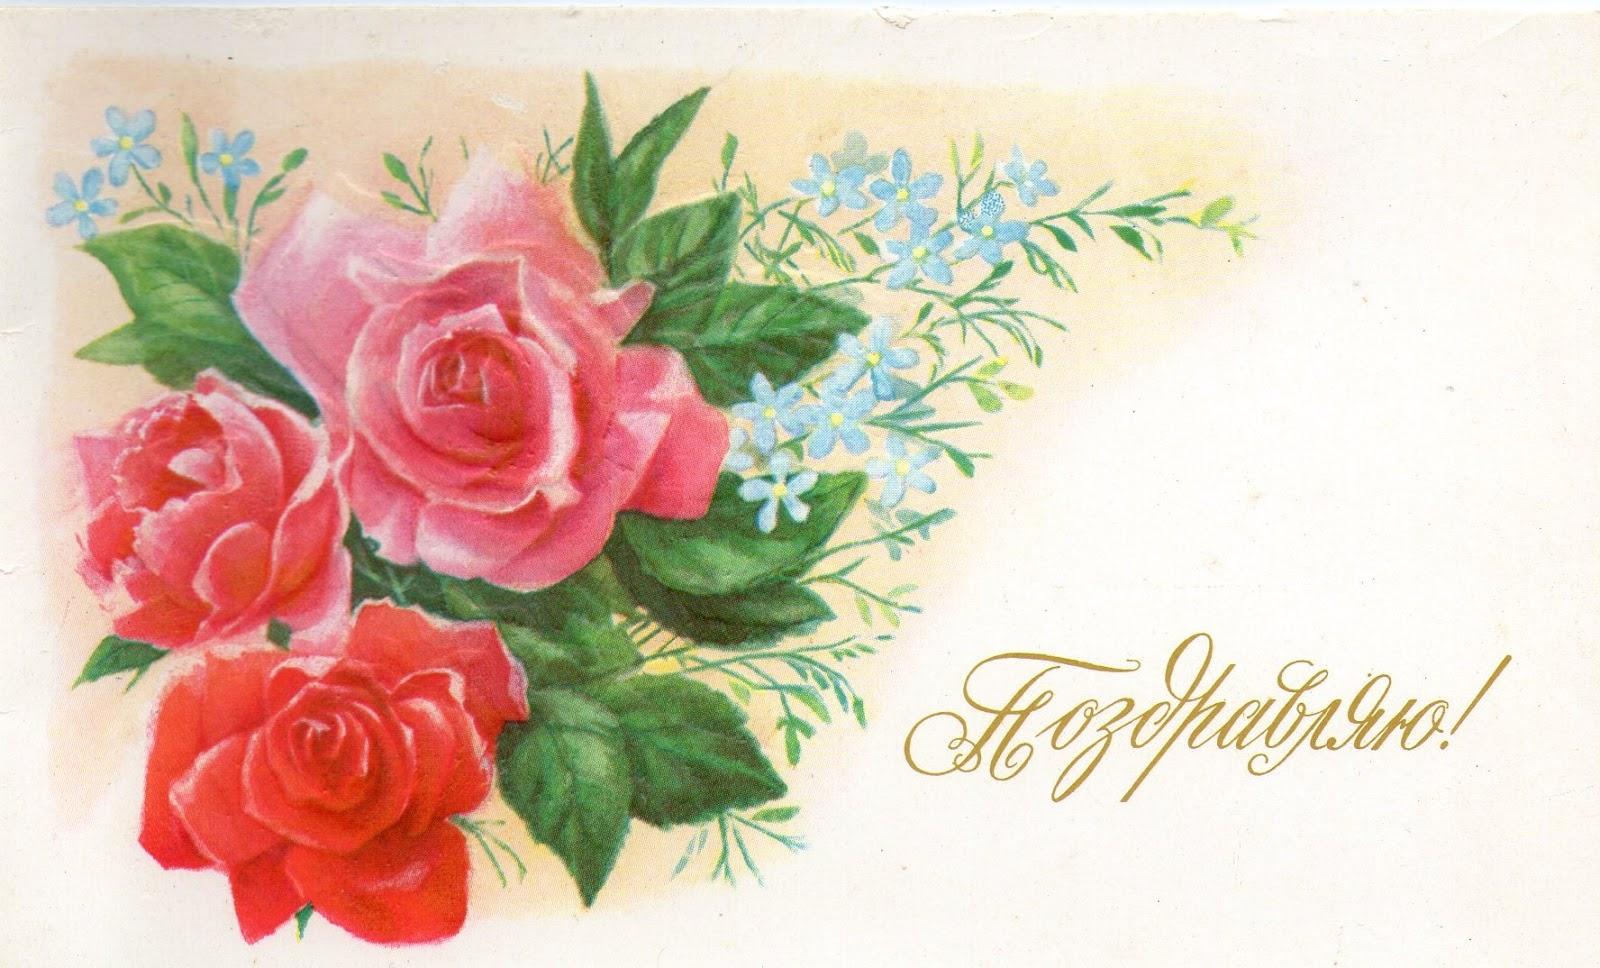 Открытка. 1 октября. С Днем пожилых людей! Красивая открытка с цветами